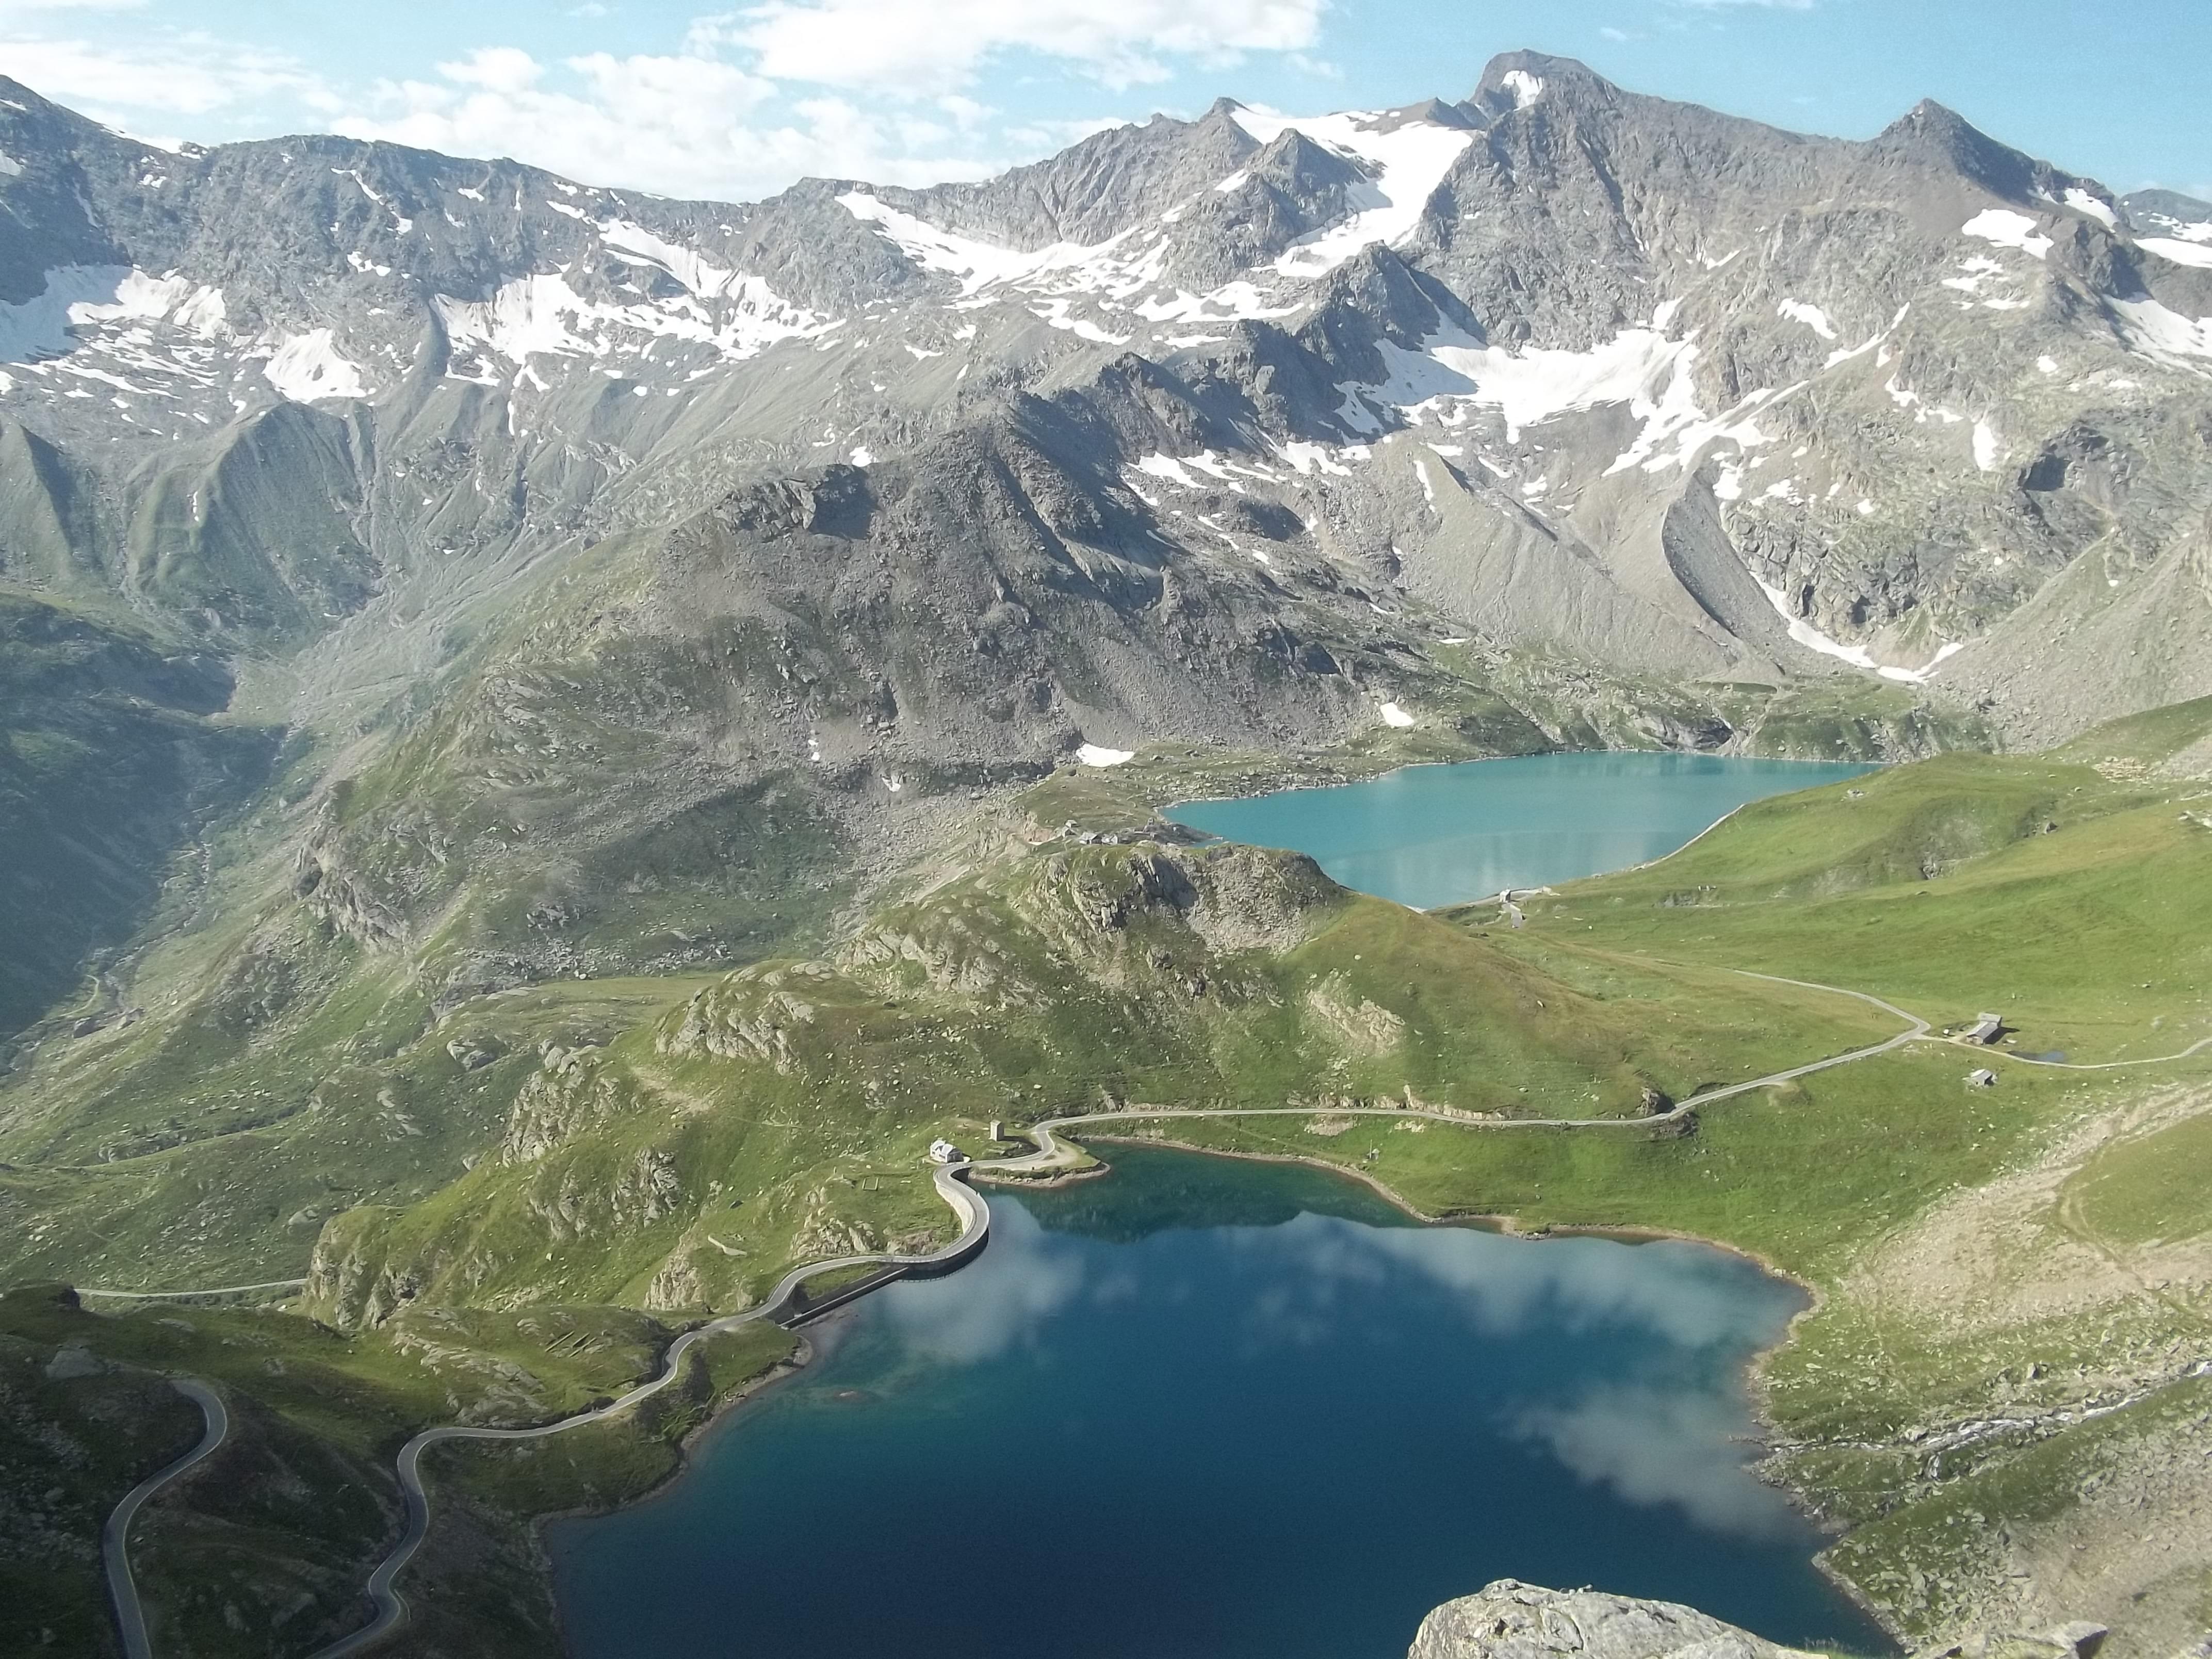 Lago Serru e Agnel nel parco nazionale del gran paradiso